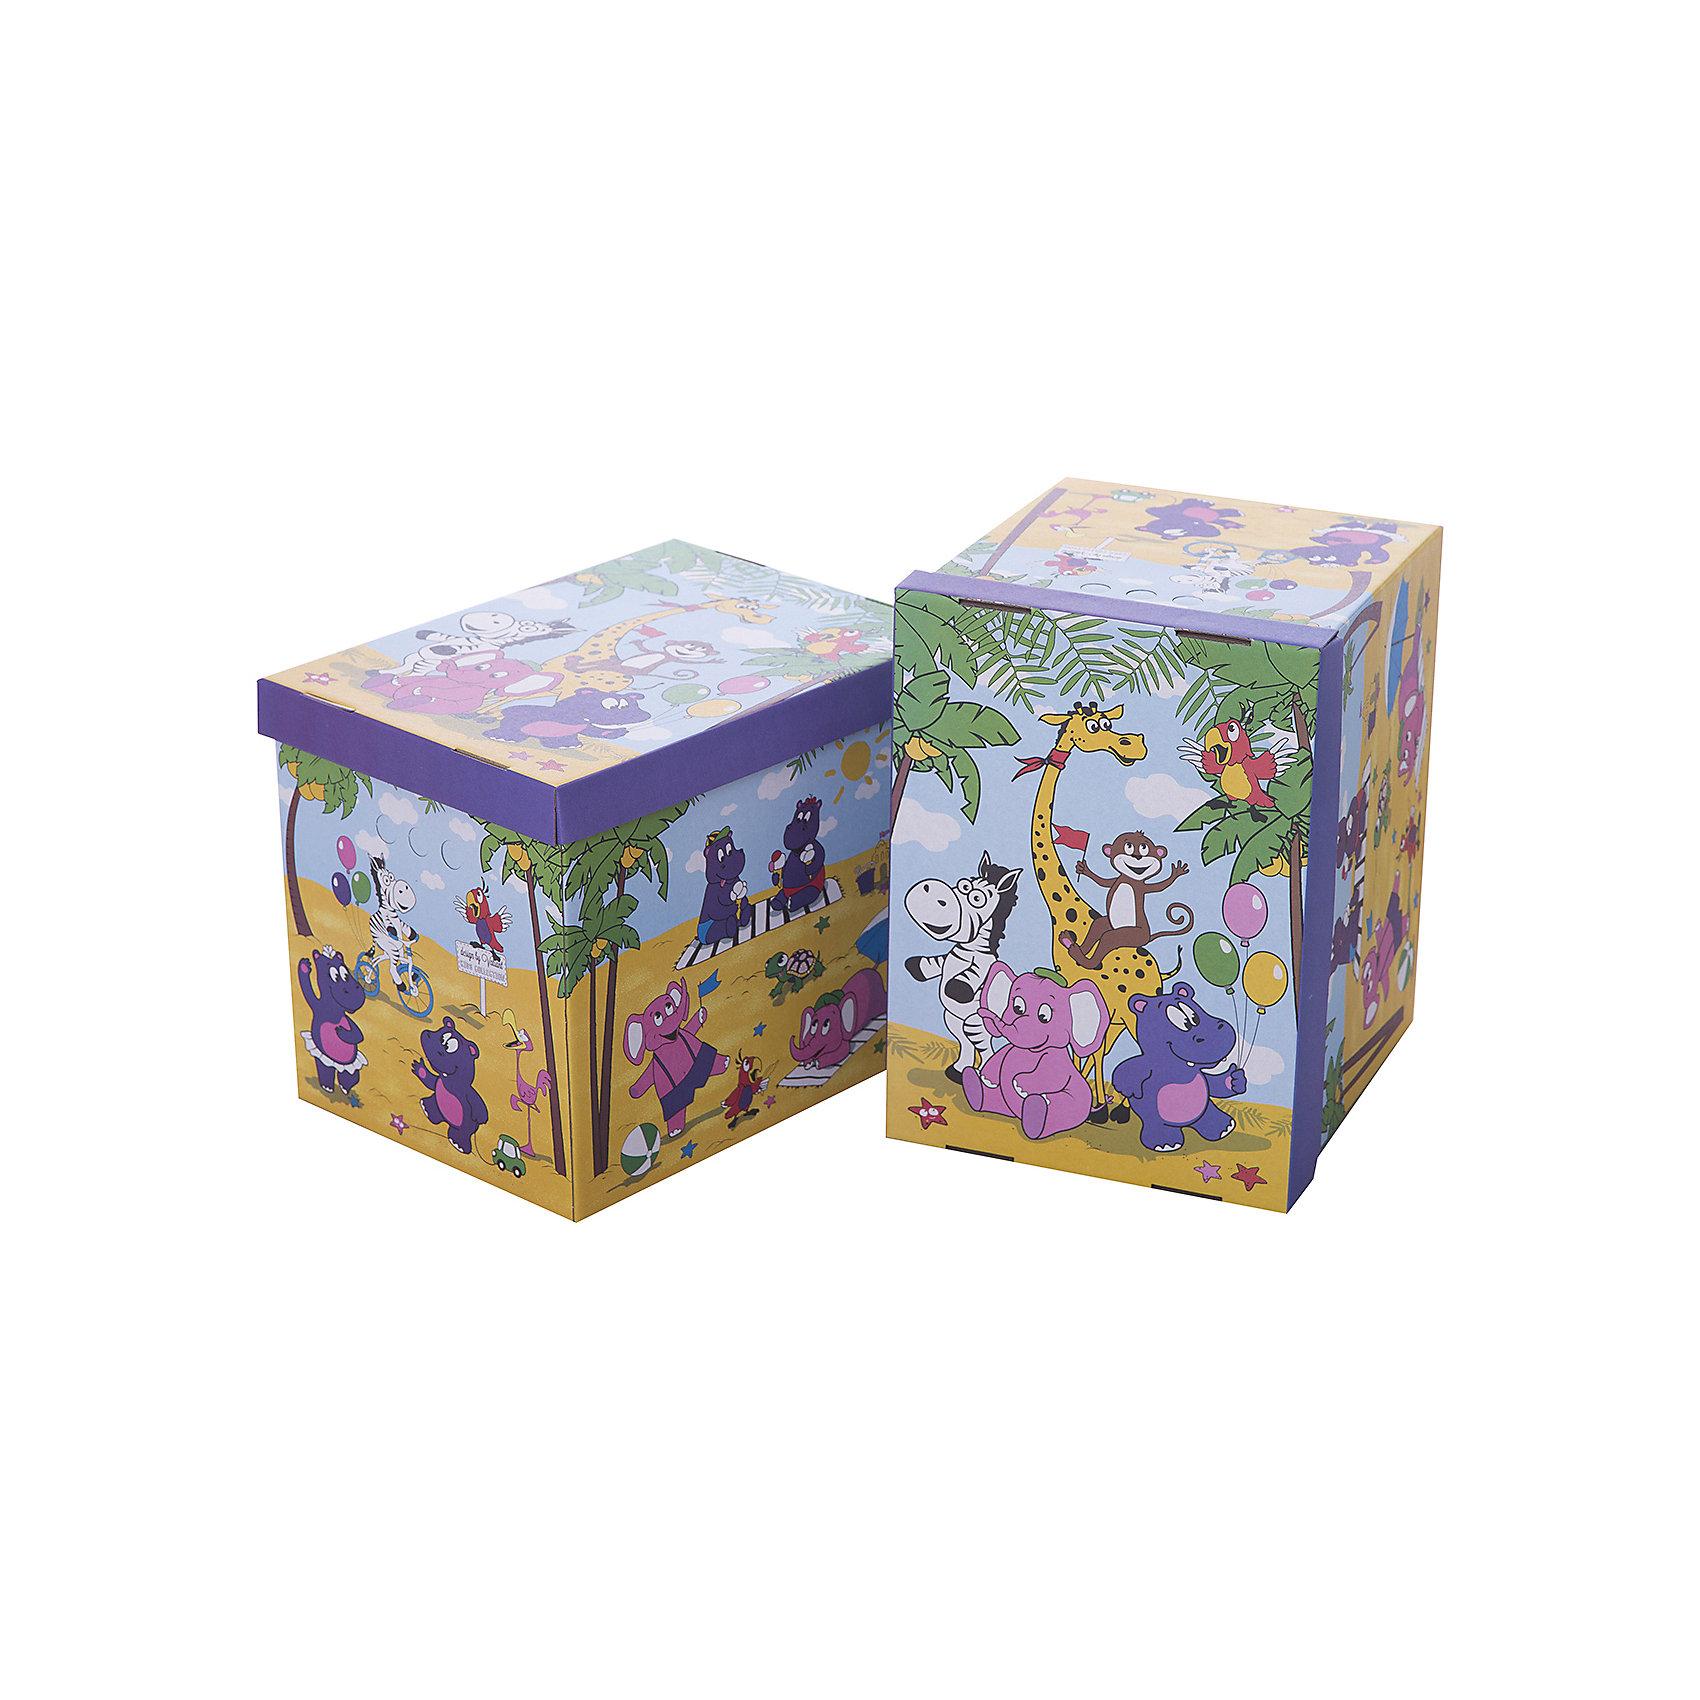 Короб картонный складной Веселая Африка, 2 шт, большойПорядок в детской<br>Короб картонный складной Веселая Африка, 2 шт, большой – яркое и красивое решение проблемы хранения вещей. <br>В комплект входят две большие коробки с ярким дизайном. Идеально вписываются в детскую благодаря красочным рисункам. Сделаны из экологичного материала, поэтому полностью безопасны для детей. Прочная конструкция легко собирается. Подходят для хранения книг, игрушек, одежды, обуви и других вещей. С двух сторон есть ручки для удобного переноса коробок. Крышка сверху прячет вещи от пыли и грязи. <br><br>Дополнительная информация: <br><br>- 2 штуки<br>- размер: 28х38х31.5 см<br>- материал: гофрокартон<br><br>Короб картонный складной Веселая Африка, 2 шт, большой можно купить в нашем интернет магазине.<br><br>Ширина мм: 280<br>Глубина мм: 380<br>Высота мм: 315<br>Вес г: 630<br>Возраст от месяцев: 36<br>Возраст до месяцев: 144<br>Пол: Унисекс<br>Возраст: Детский<br>SKU: 4923428